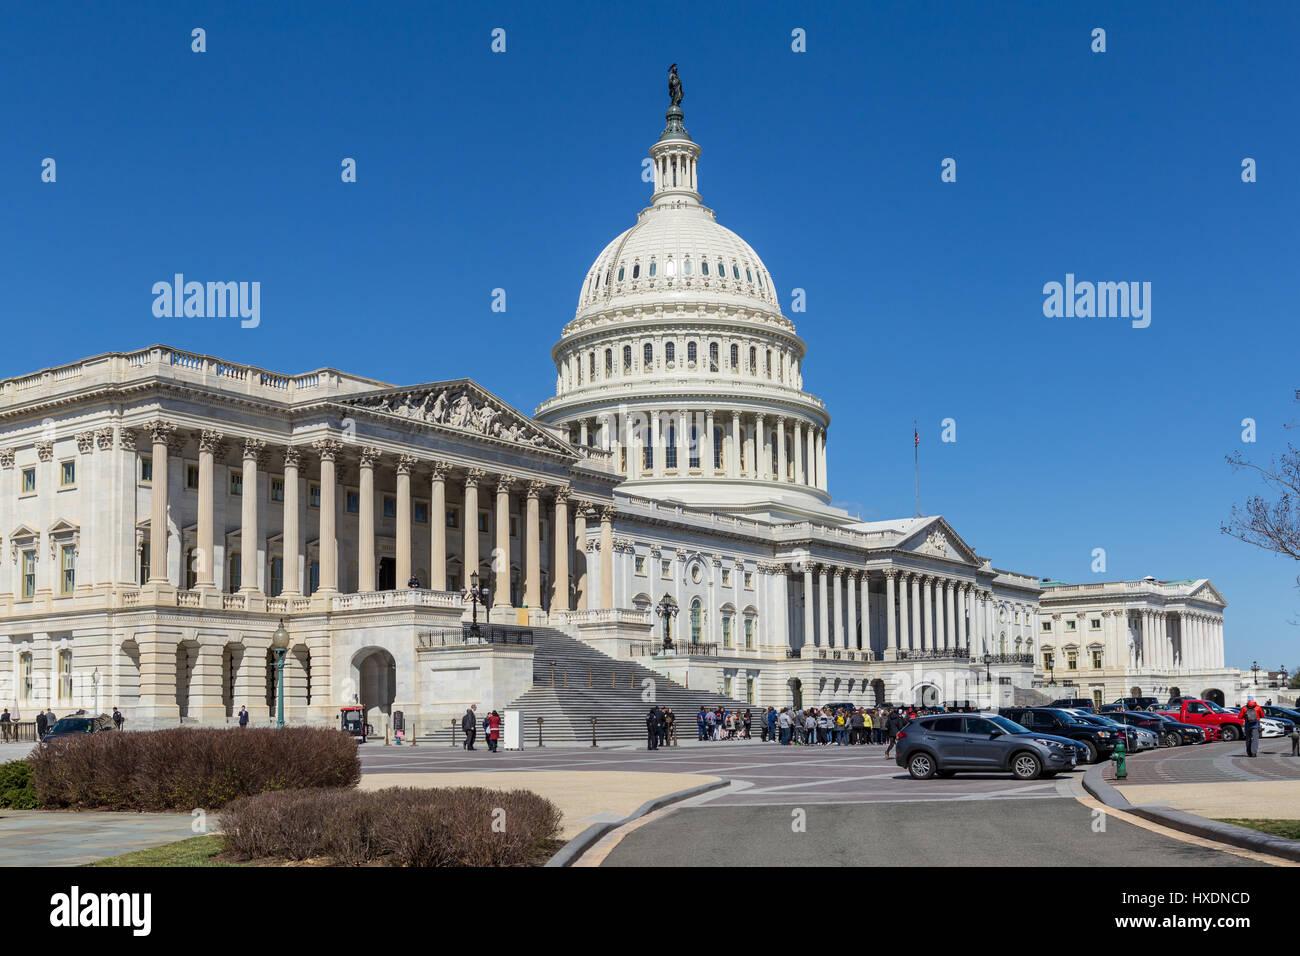 El edificio del Capitolio de Estados Unidos en Washington, DC. Imagen De Stock